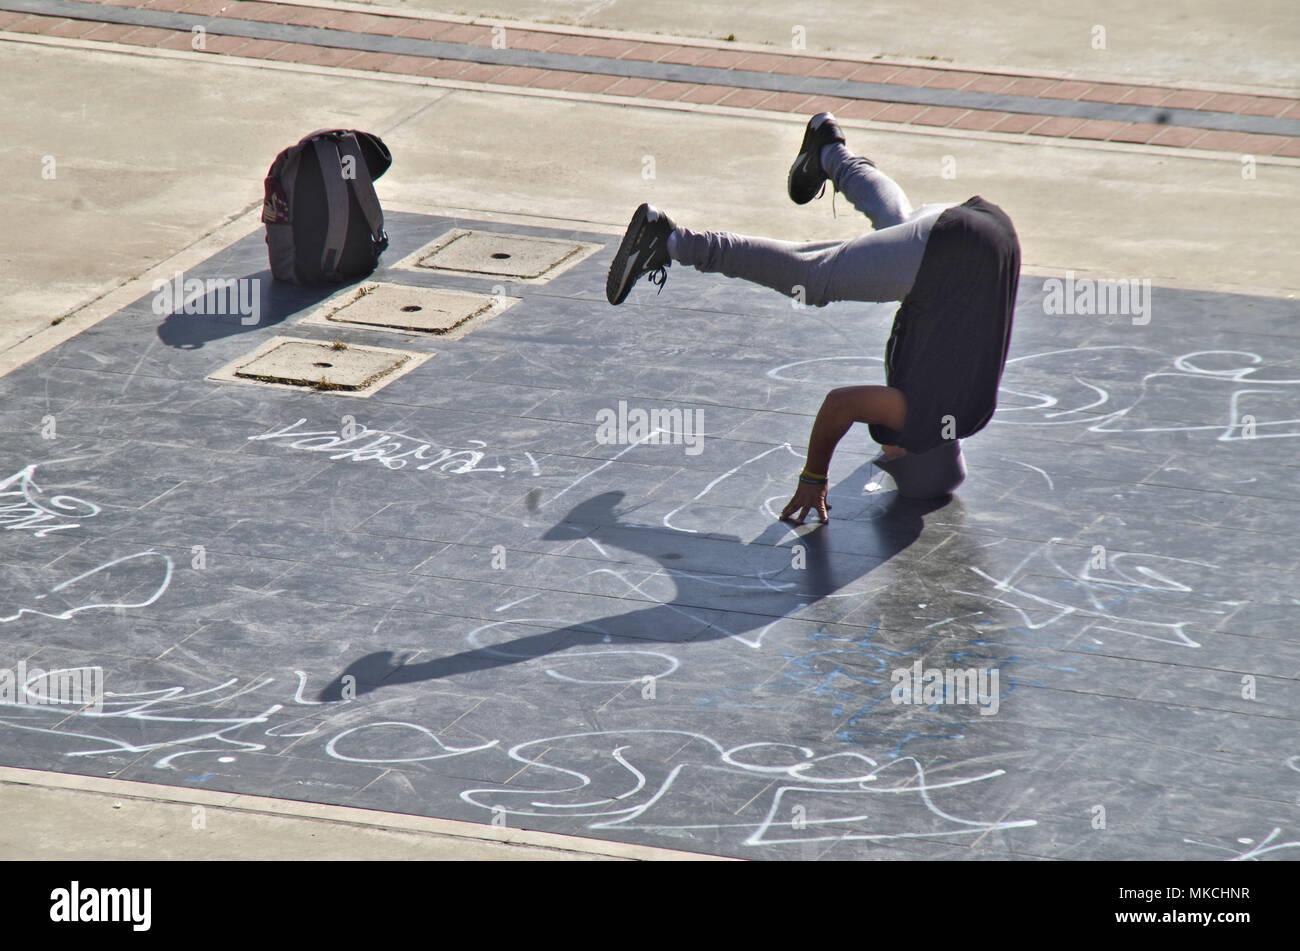 Un ragazzo facendo una ginnastica urbana Immagini Stock